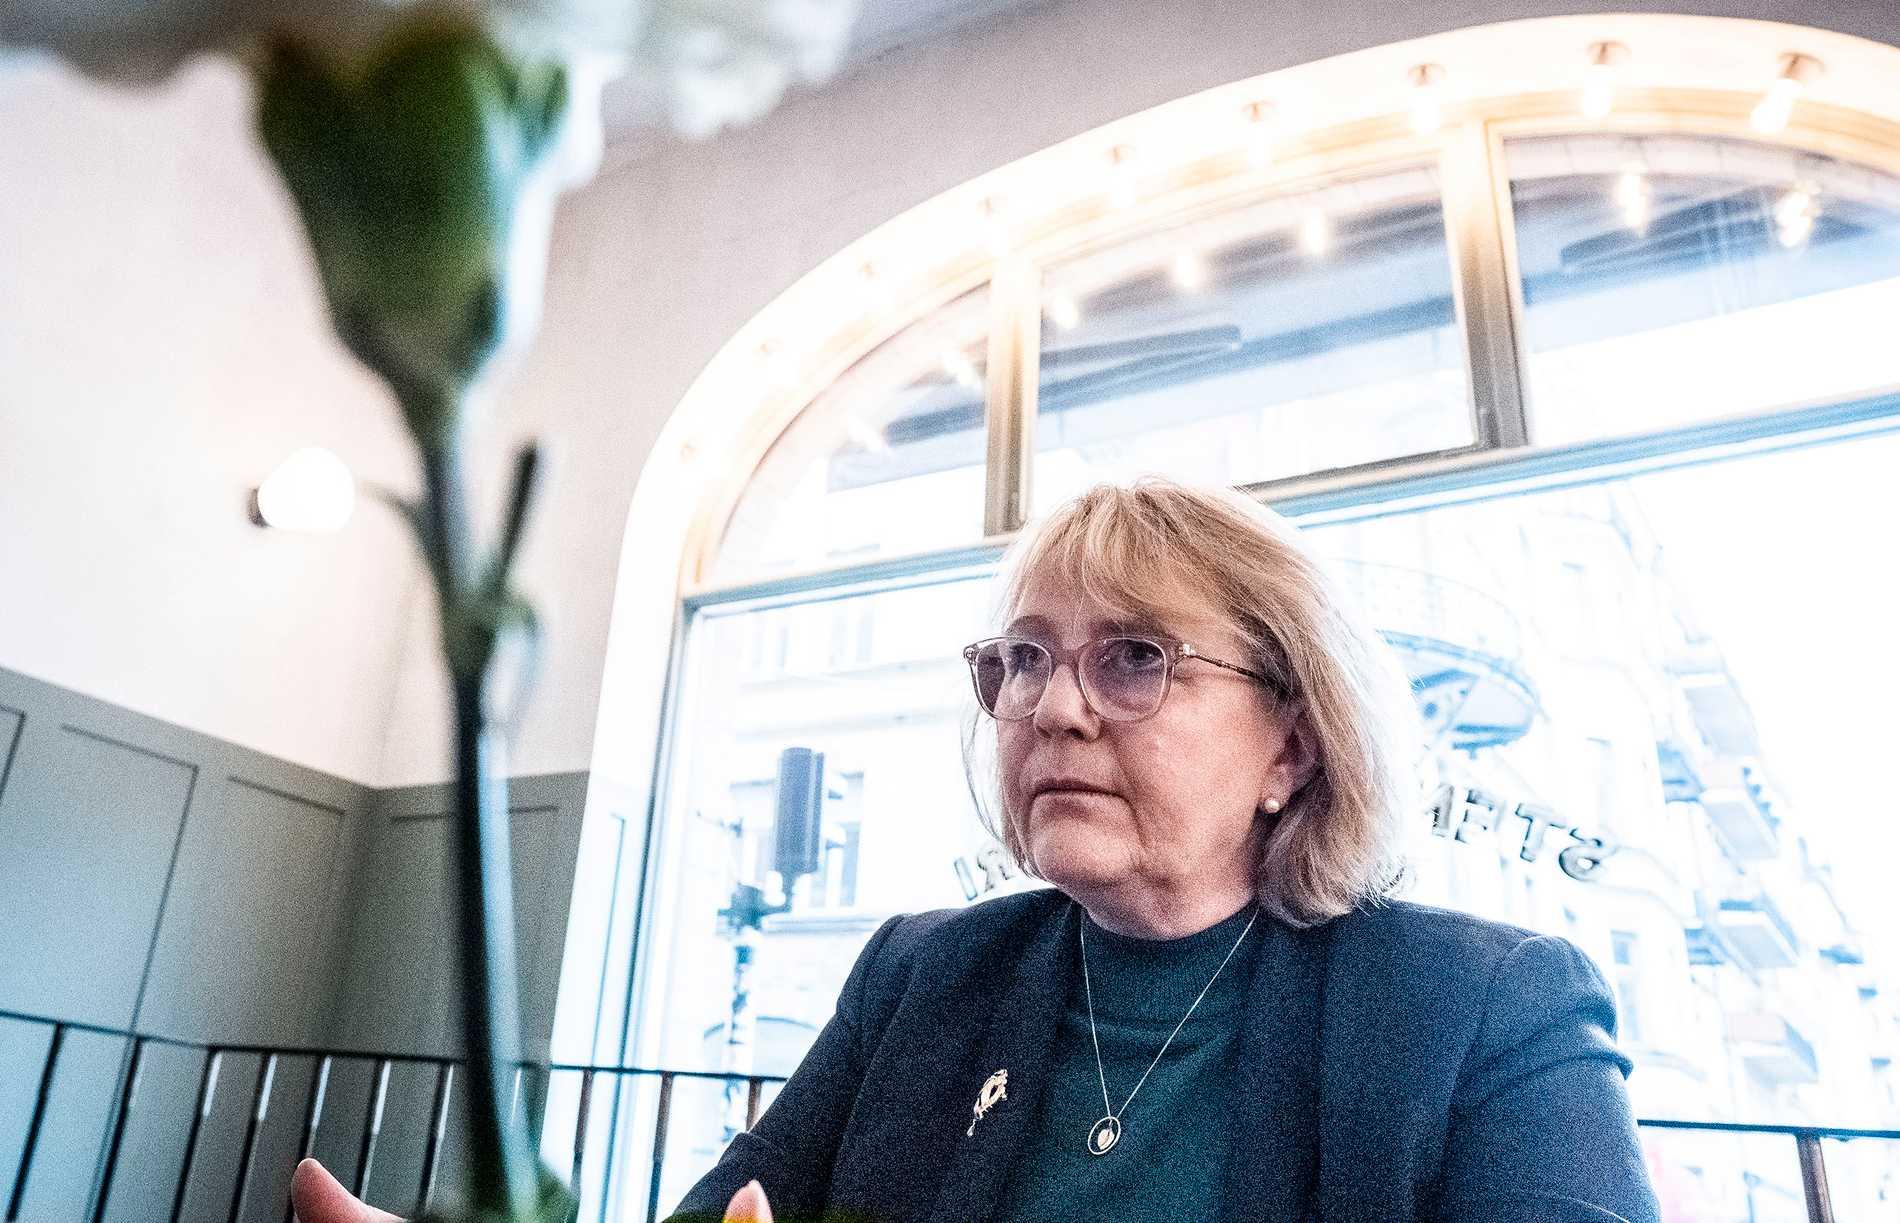 Irene Svenonius från Moderaterna i Stockholm är ansvarig för länets sjukvårdspolitik. I Stockholm ska över tusen personer varslas men välfärdskris rådet i hela landet.